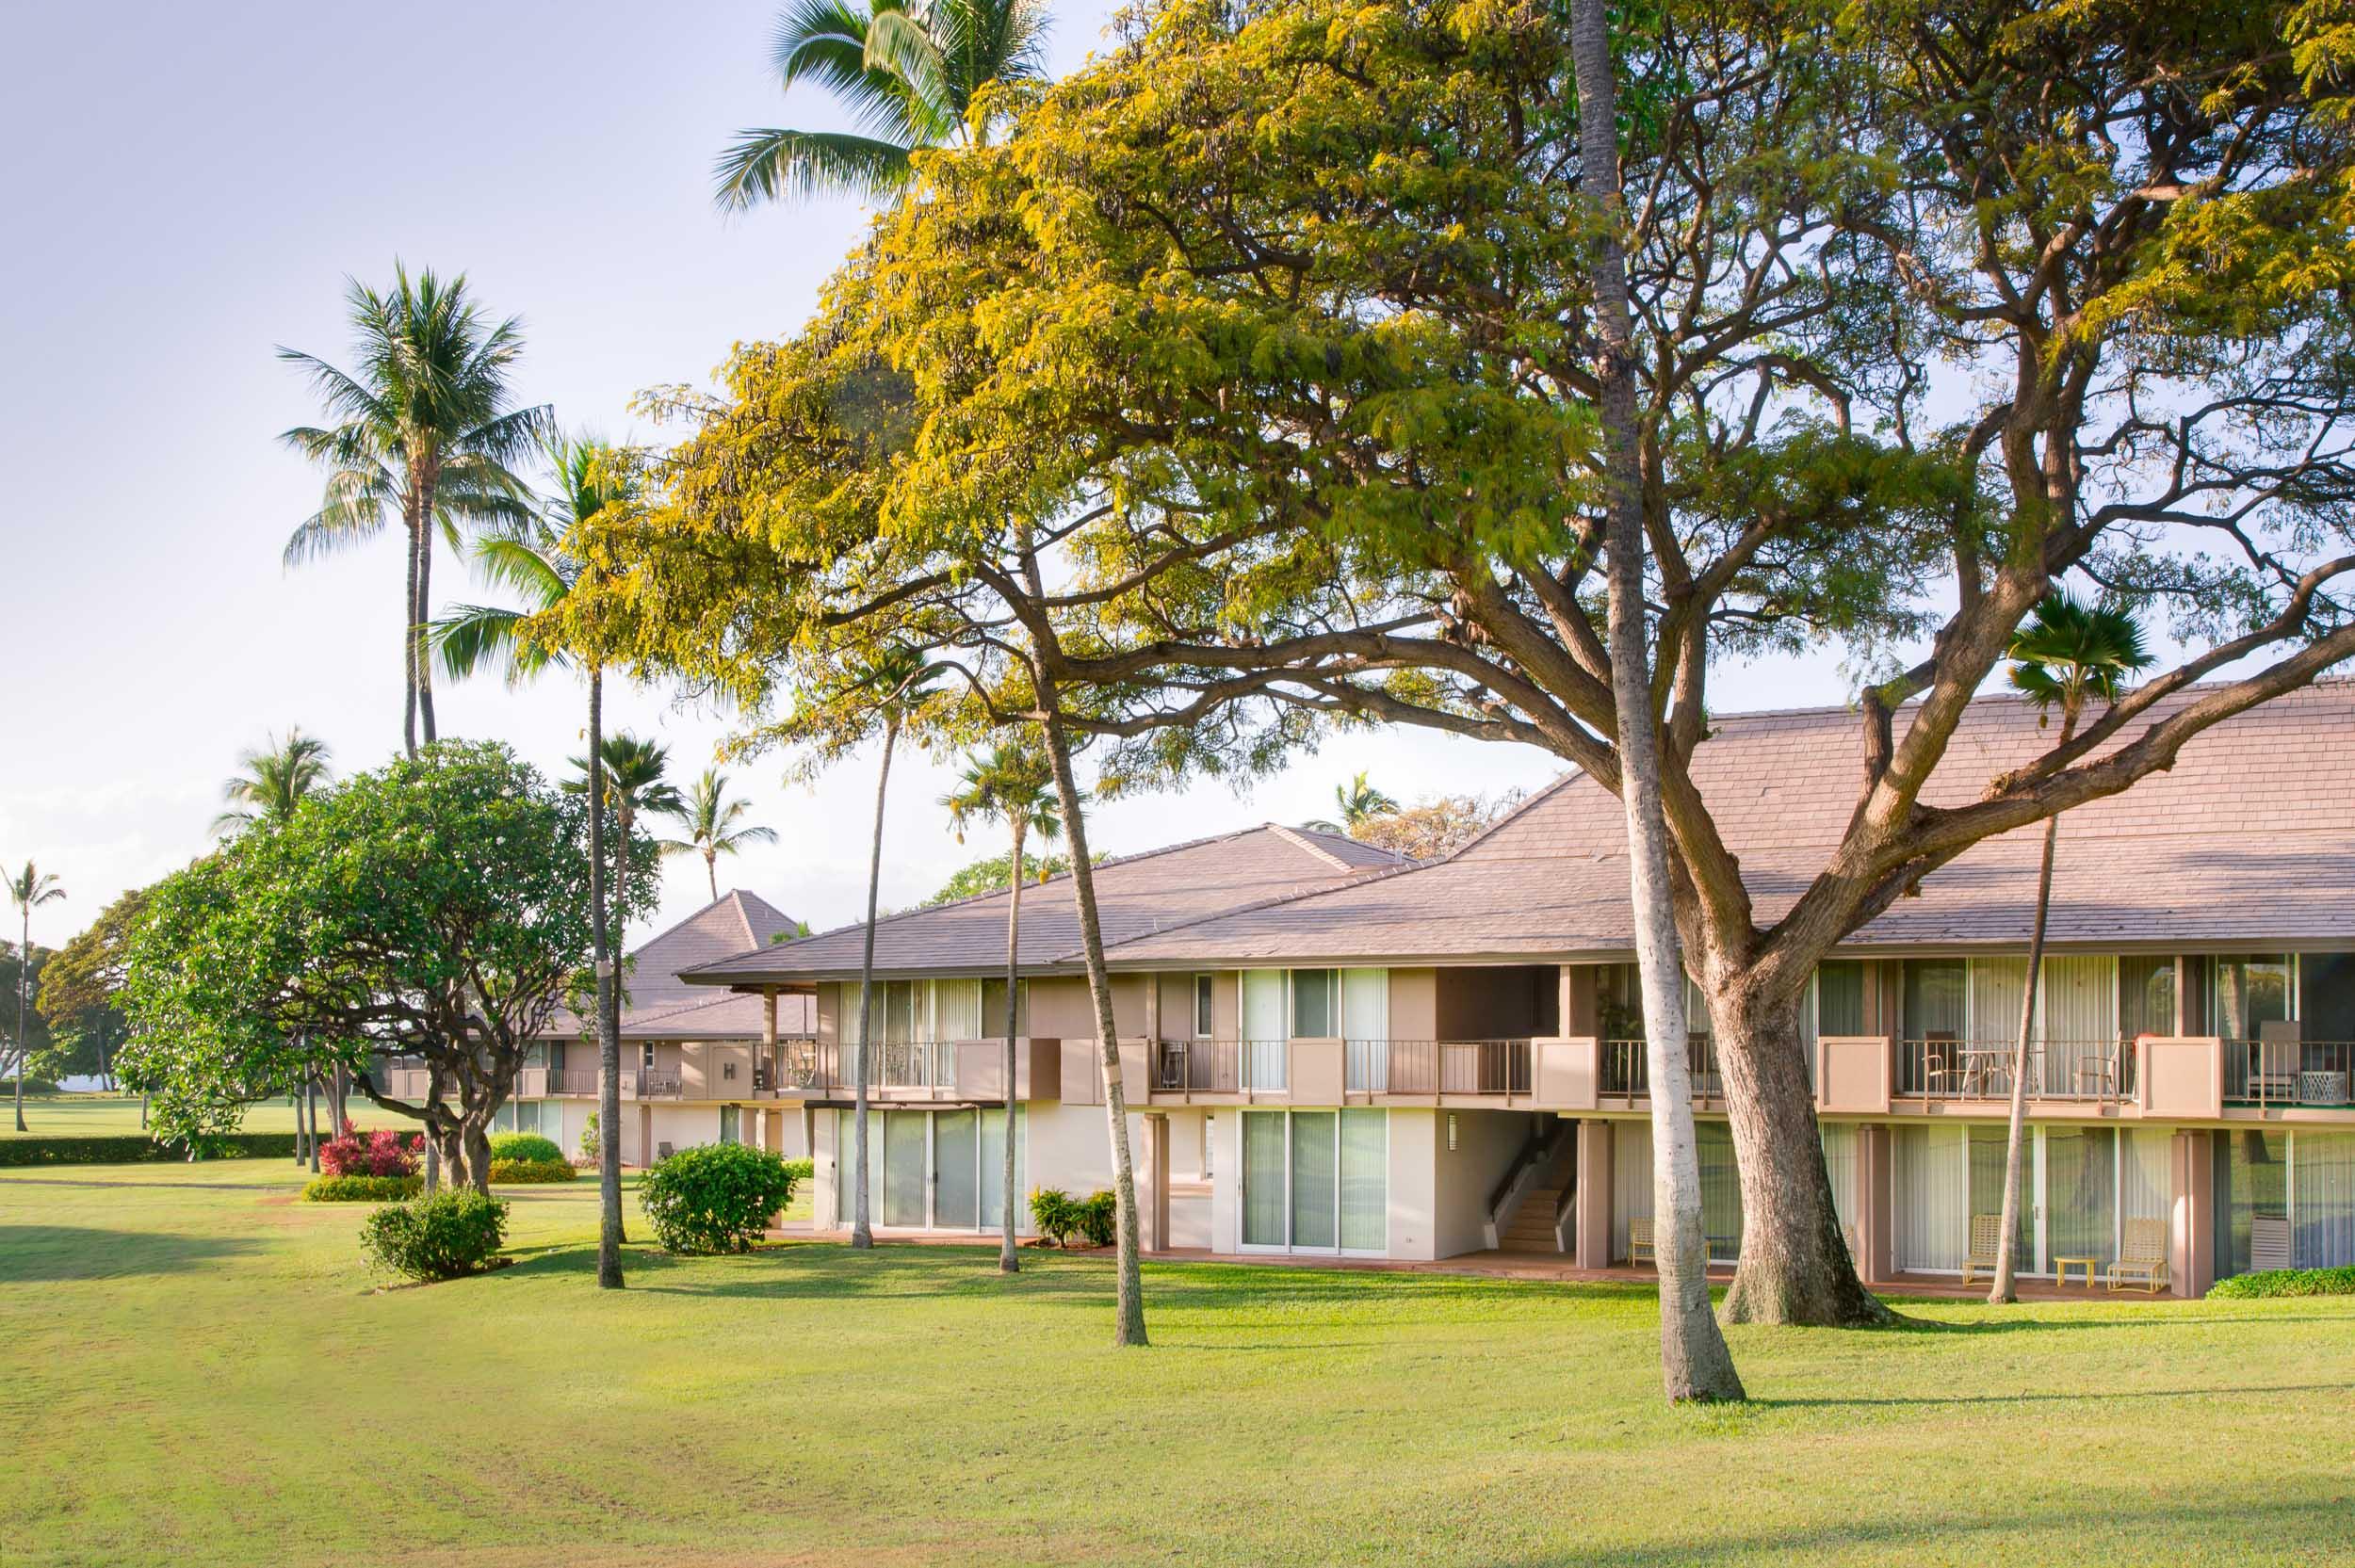 hawaiiresorts_180805_010_2500p.jpg